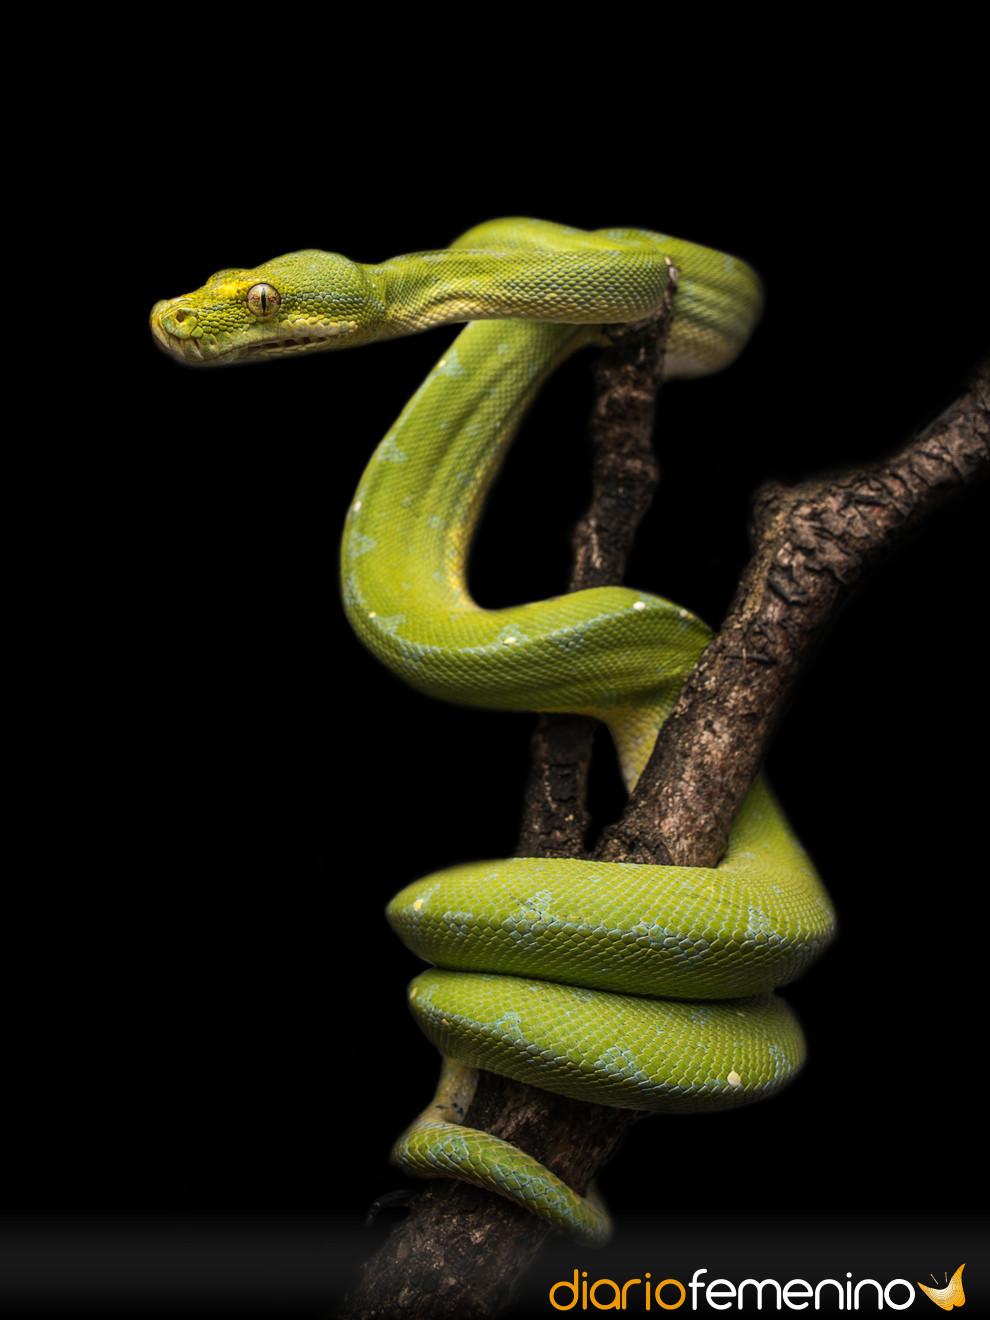 Soñar con serpientes: ¿síntoma de infidelidad?